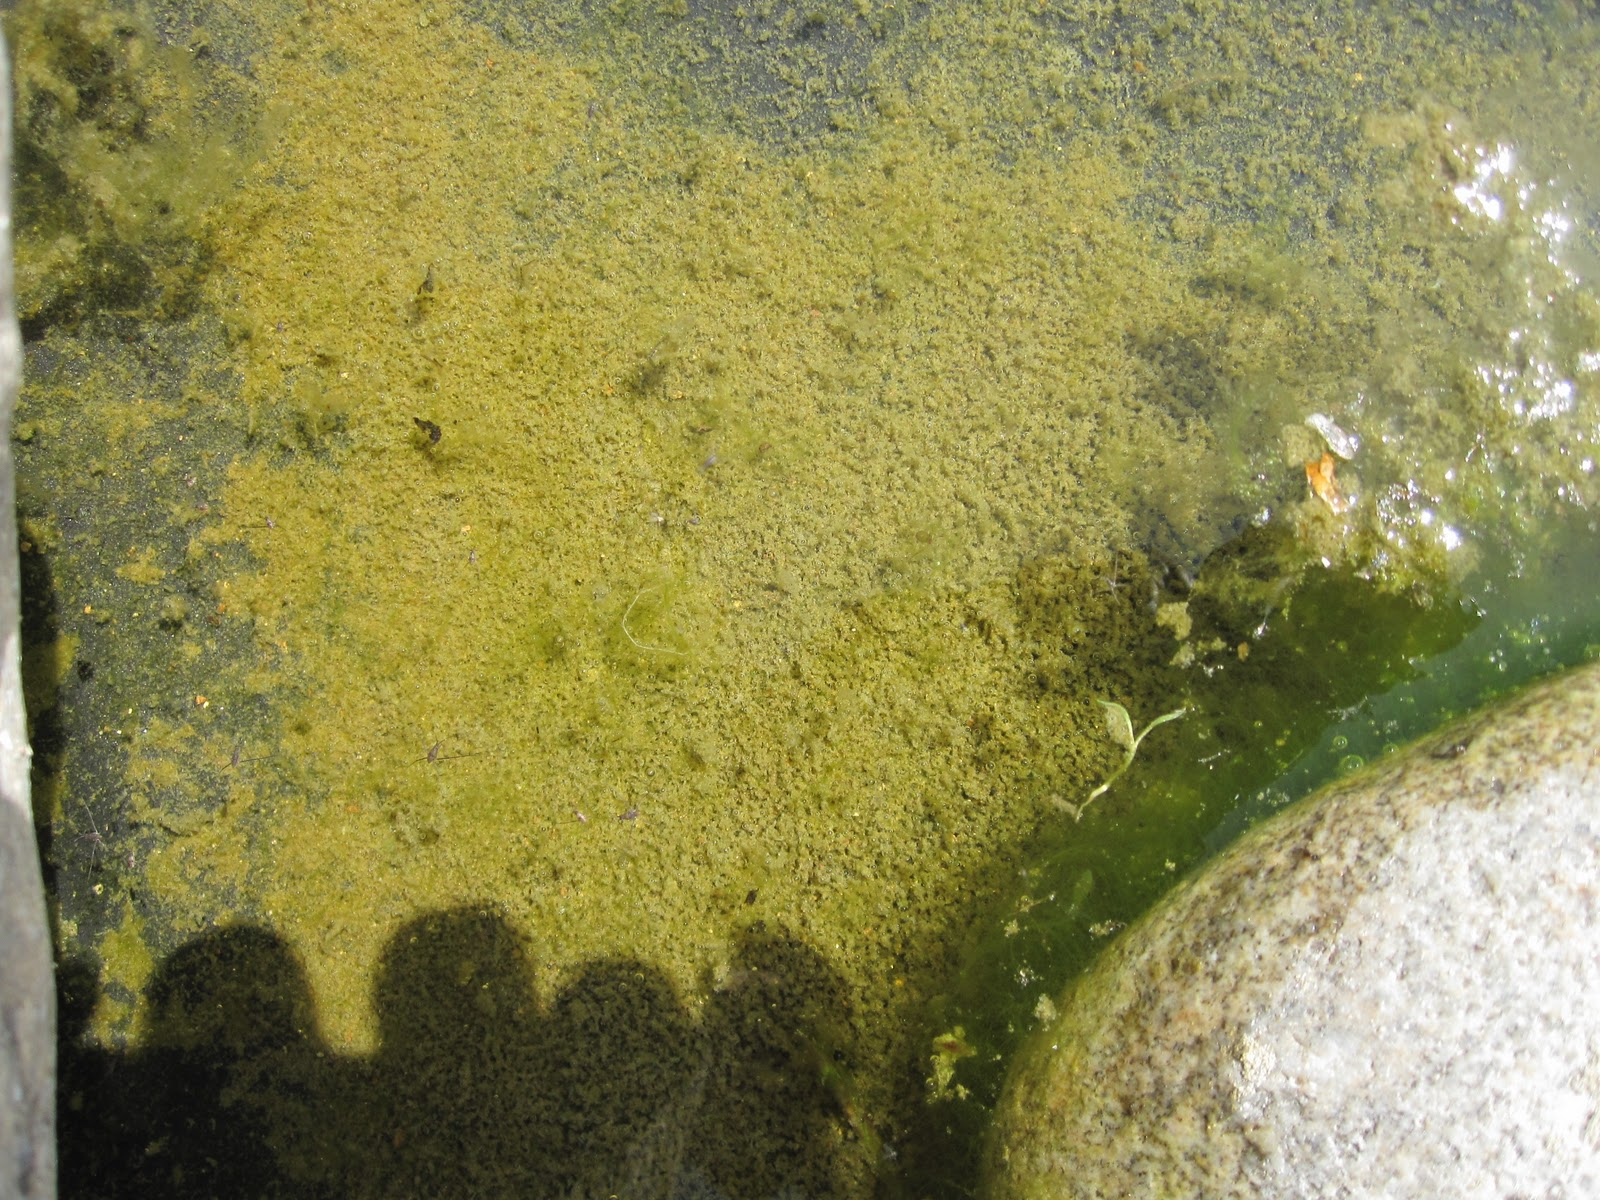 Piscine naturelle en auto construction bonheur et algues for Algue dans piscine